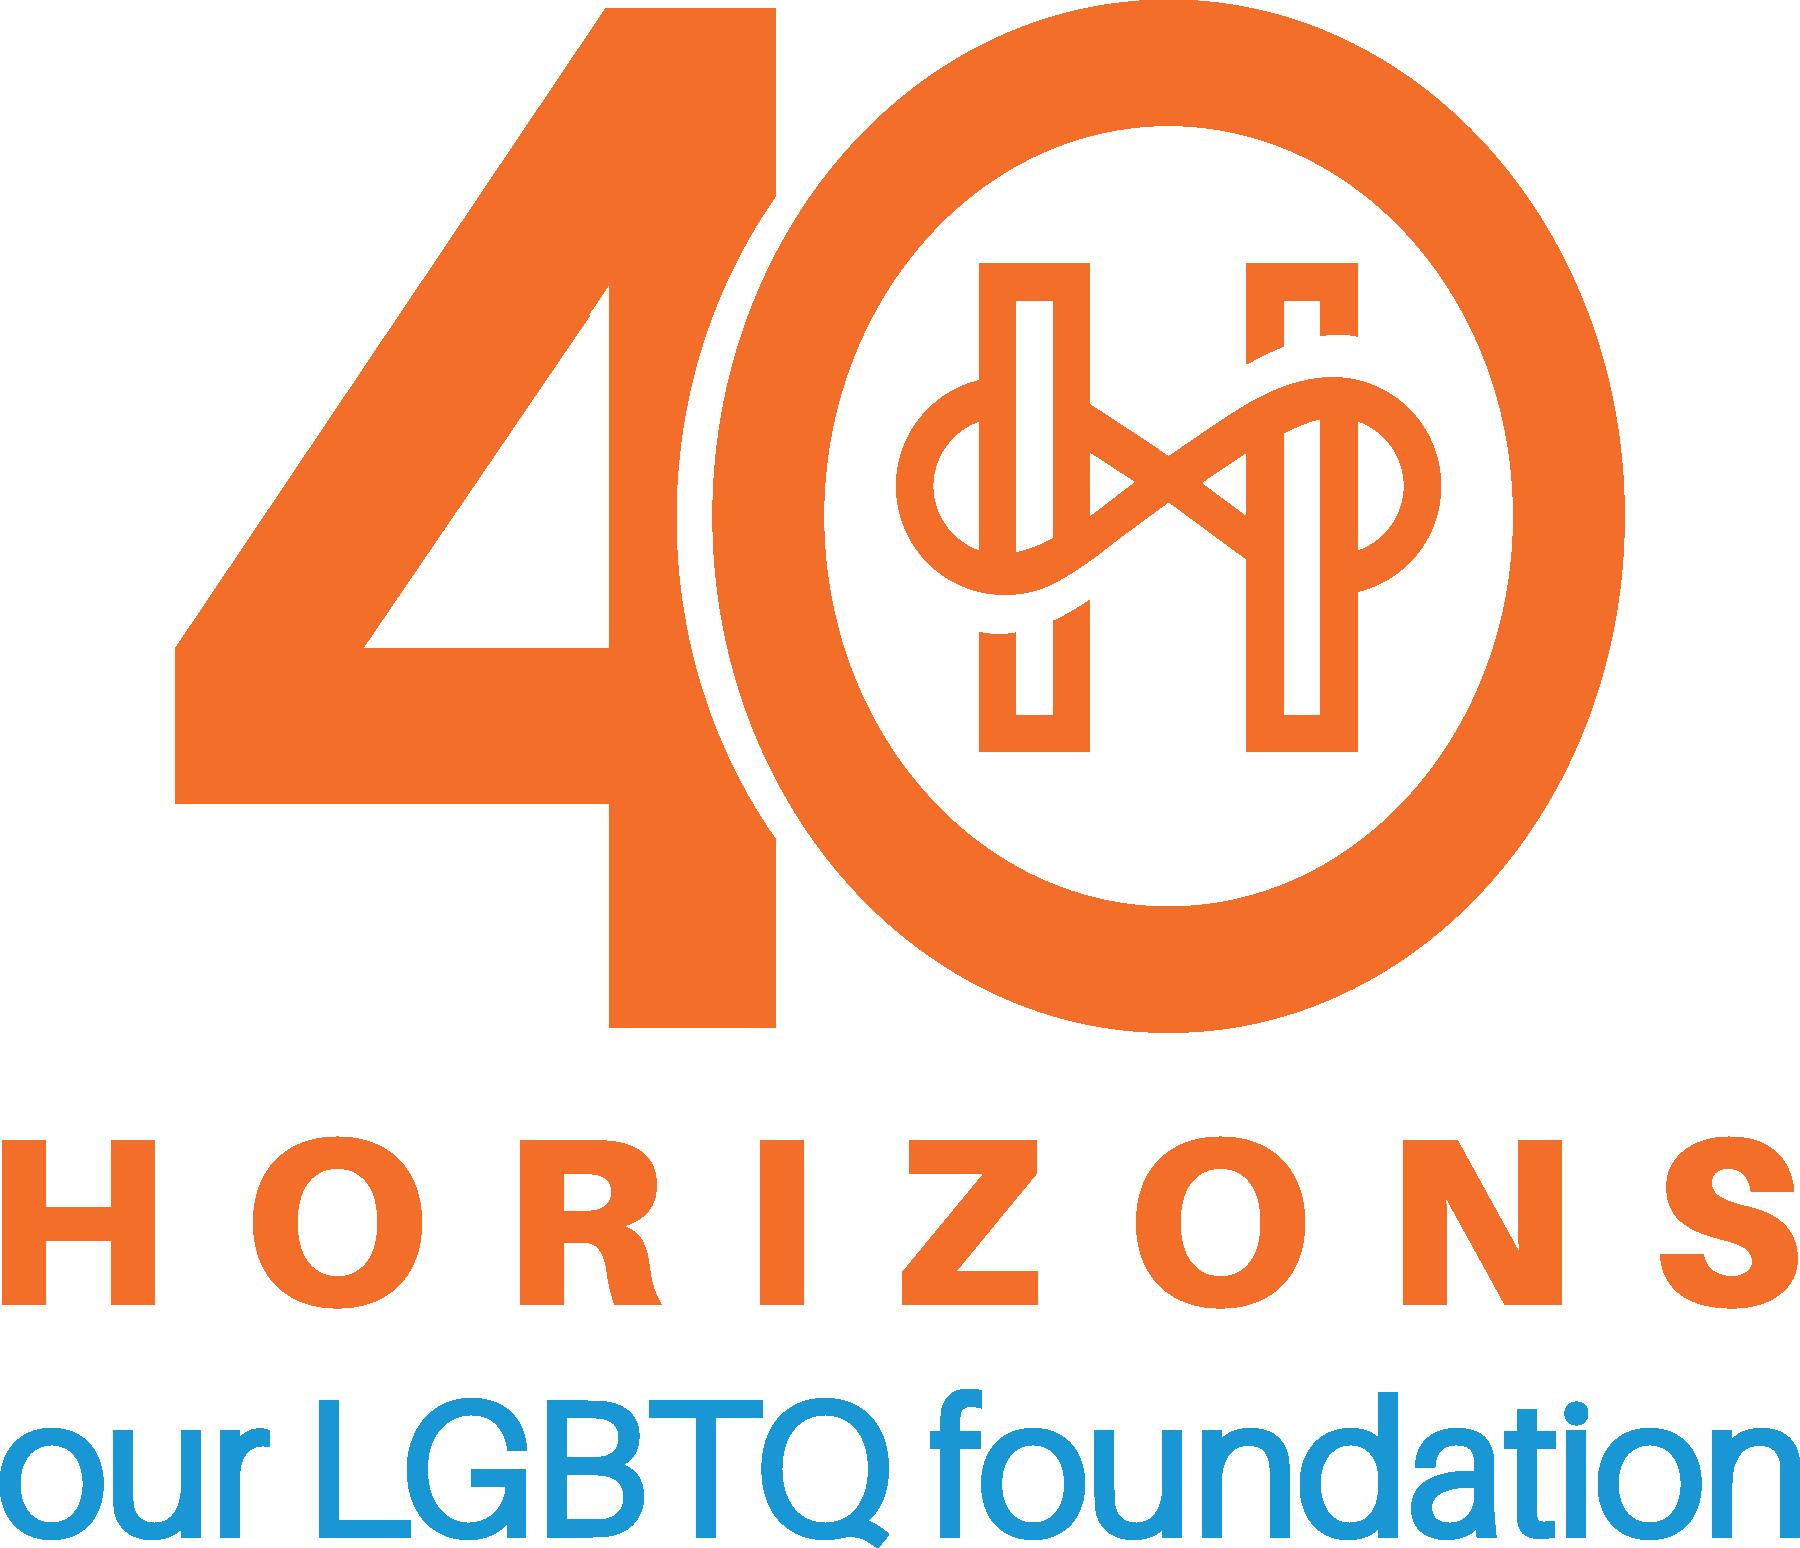 Horizons' 40th Anniversary